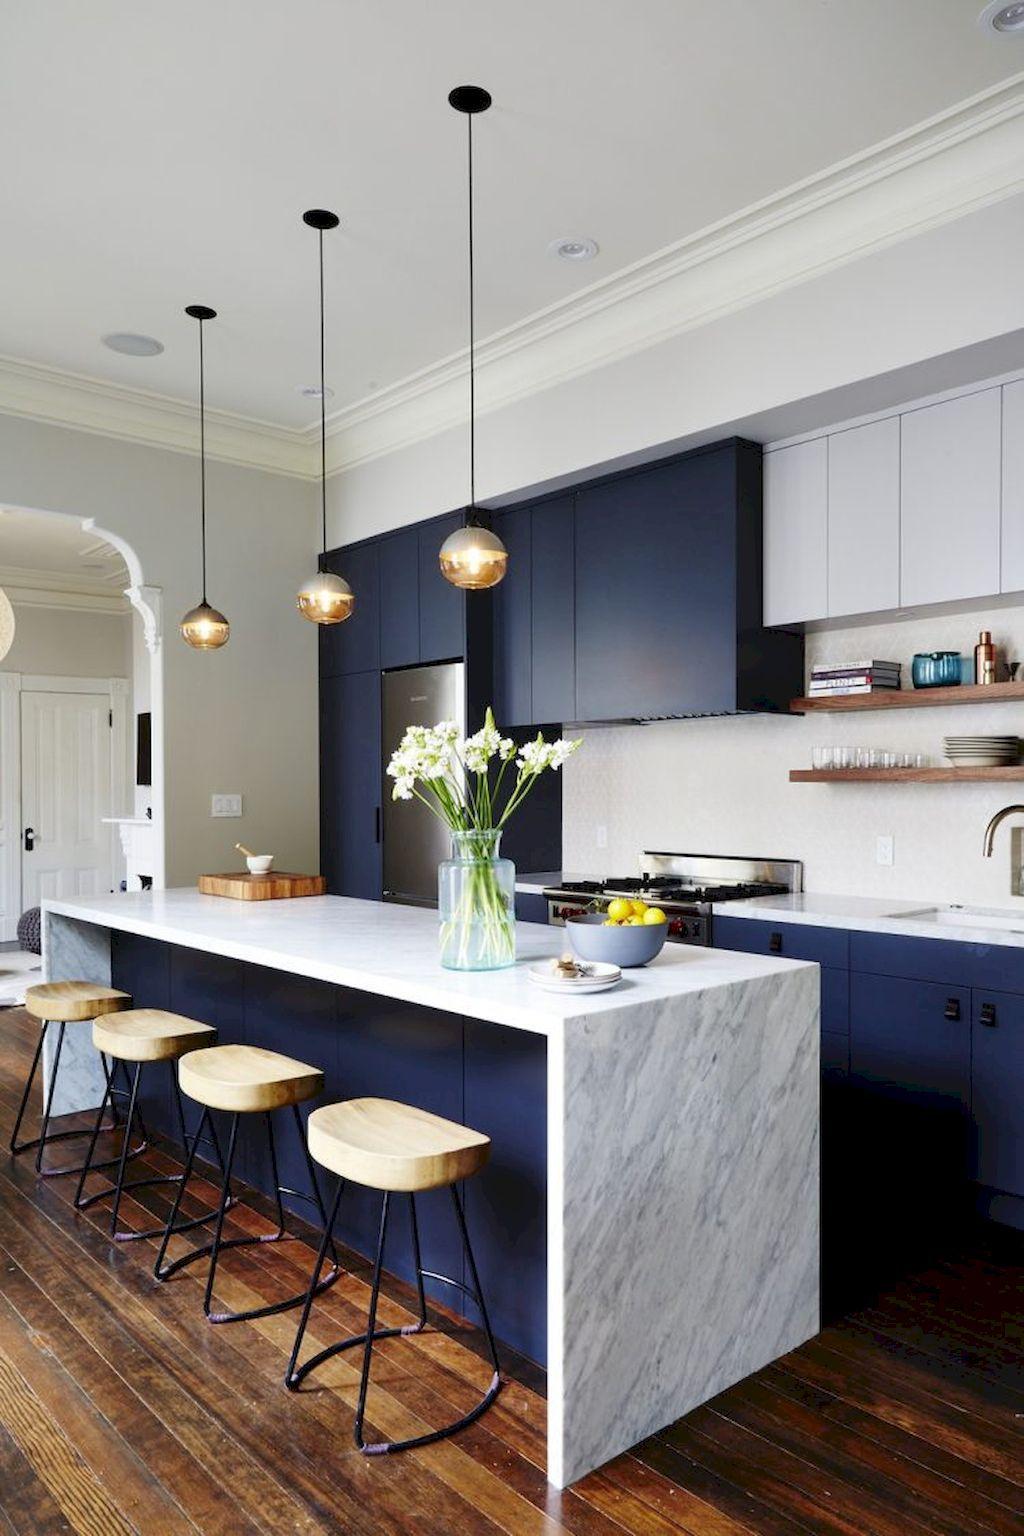 100 scandinavian kitchen design ideas remodel desain dapur modern on kitchen decor themes modern id=71829